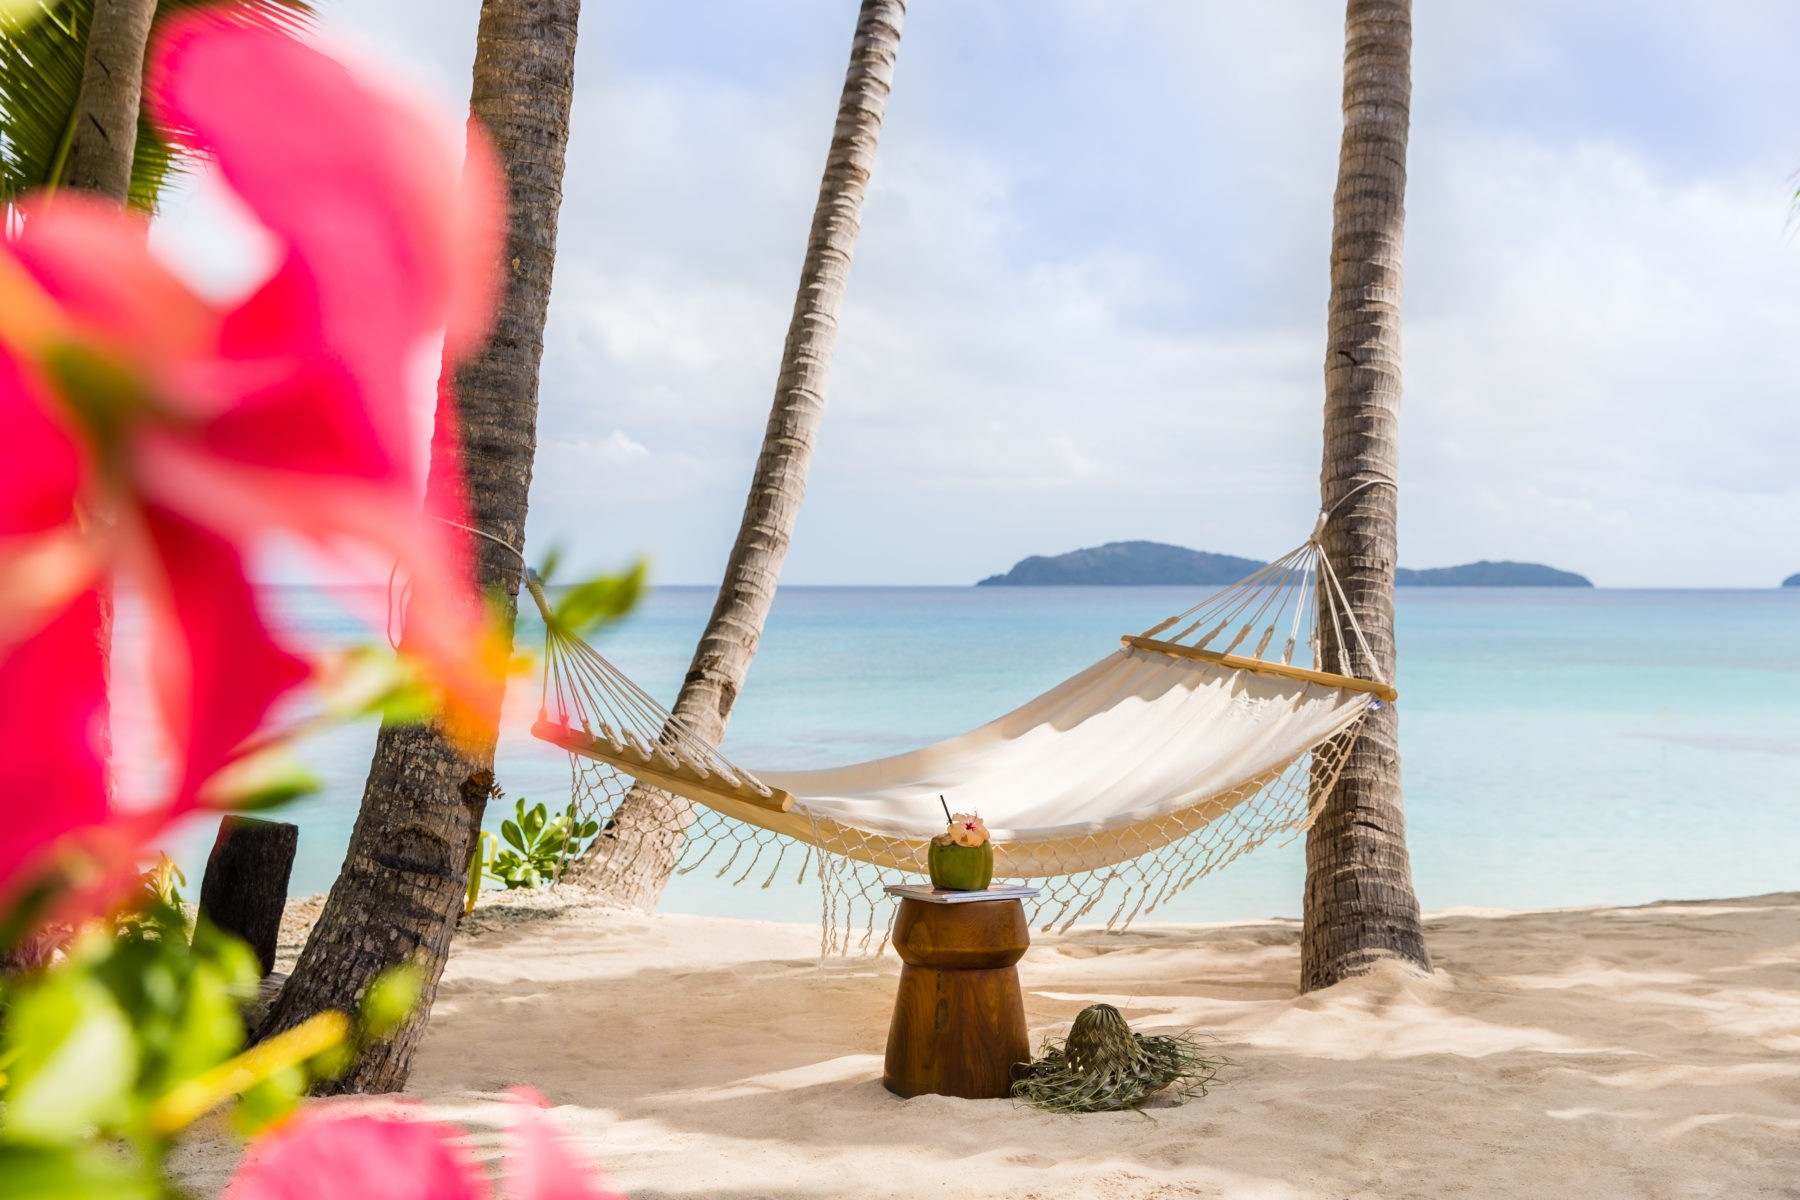 Νησιά Fiji: Ένας επίγειος παράδεισος